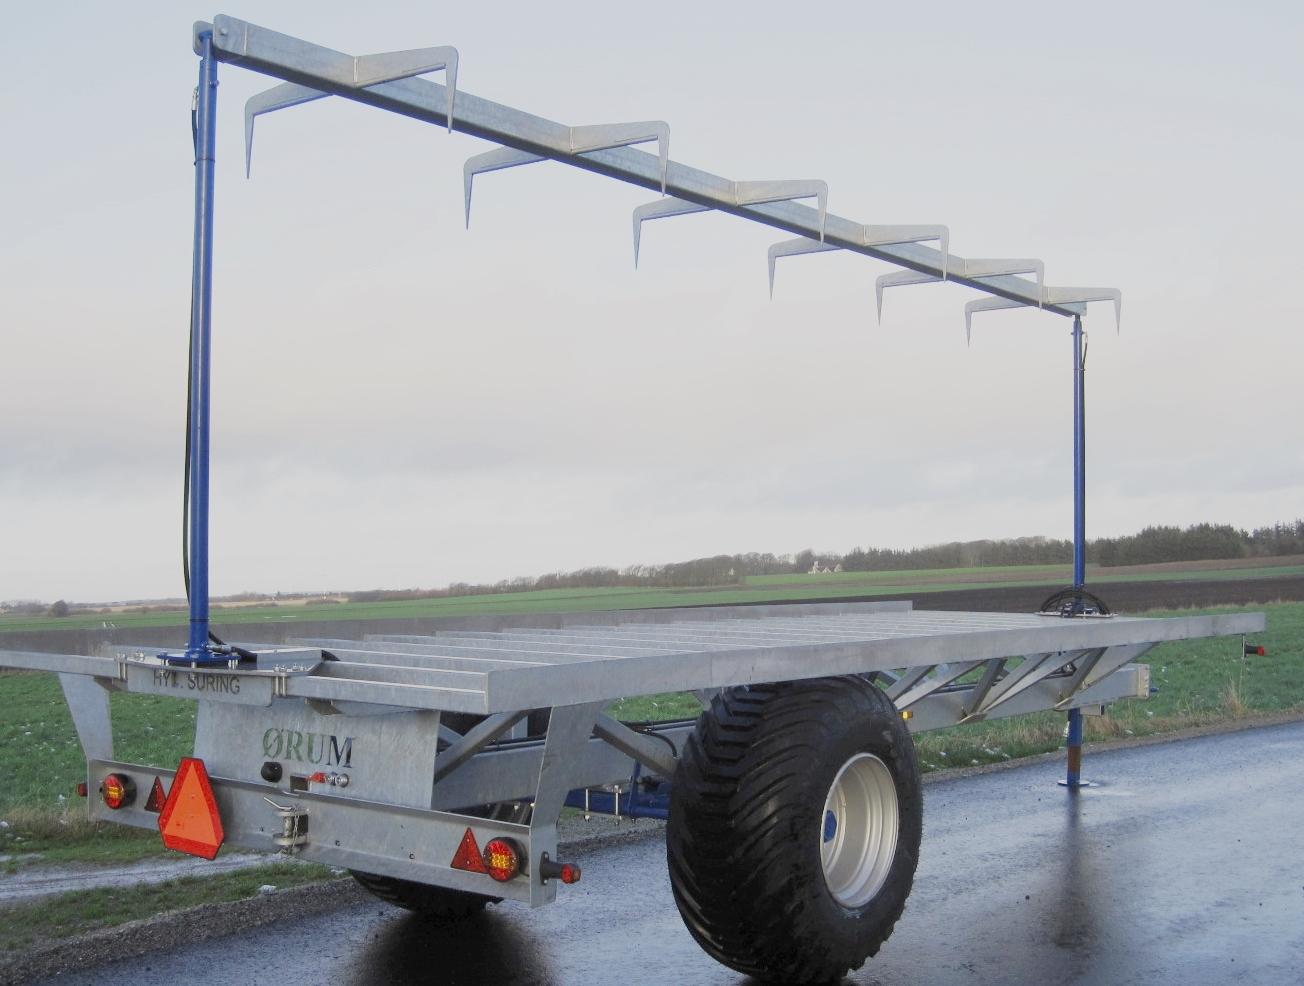 ØRUM Halmvogn med hydraulisk surring